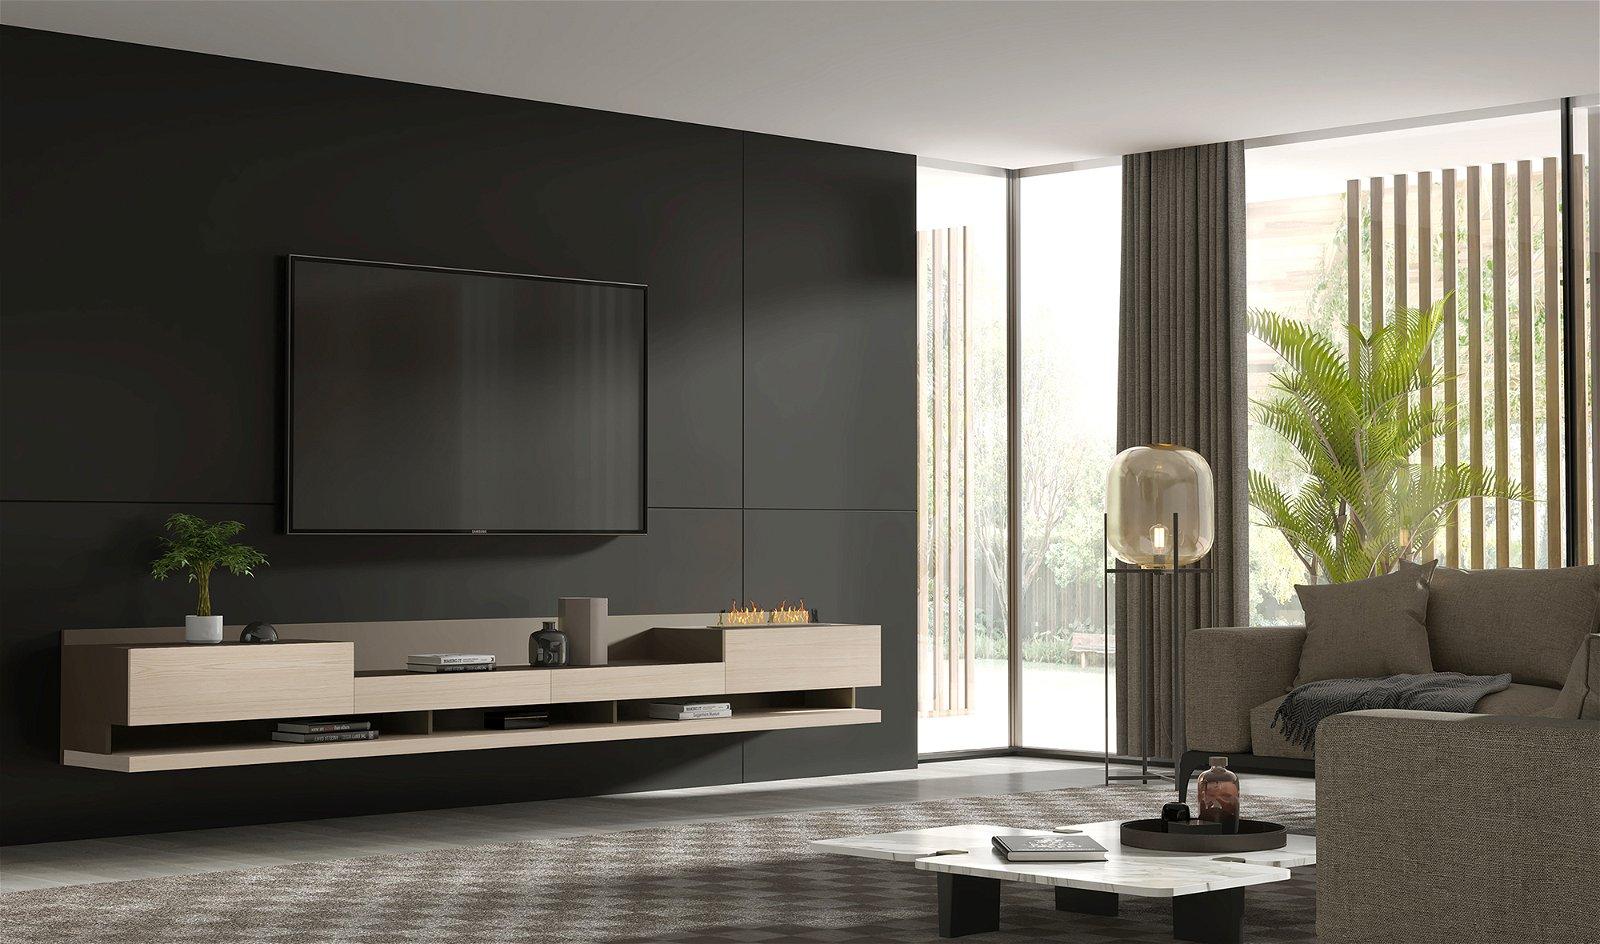 Mueble de tv Florencia con chimenea eléctrica